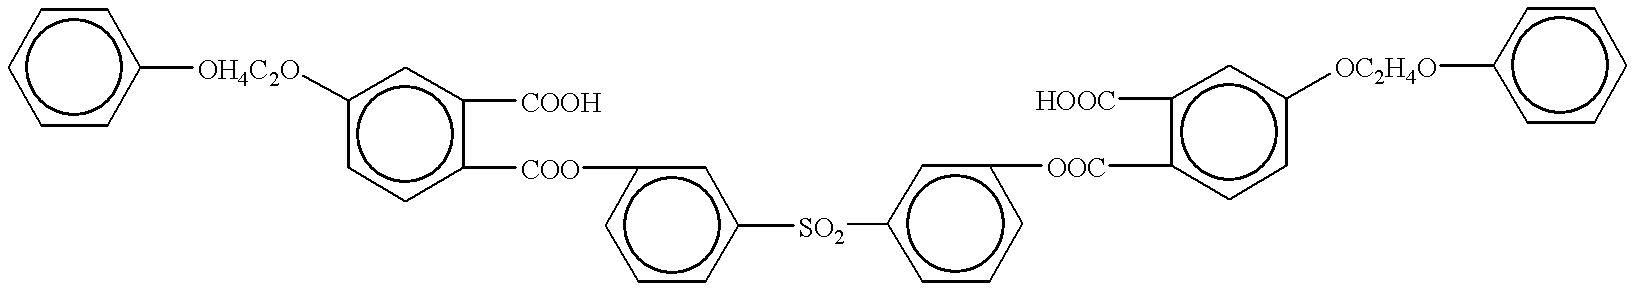 Figure US06180560-20010130-C00309